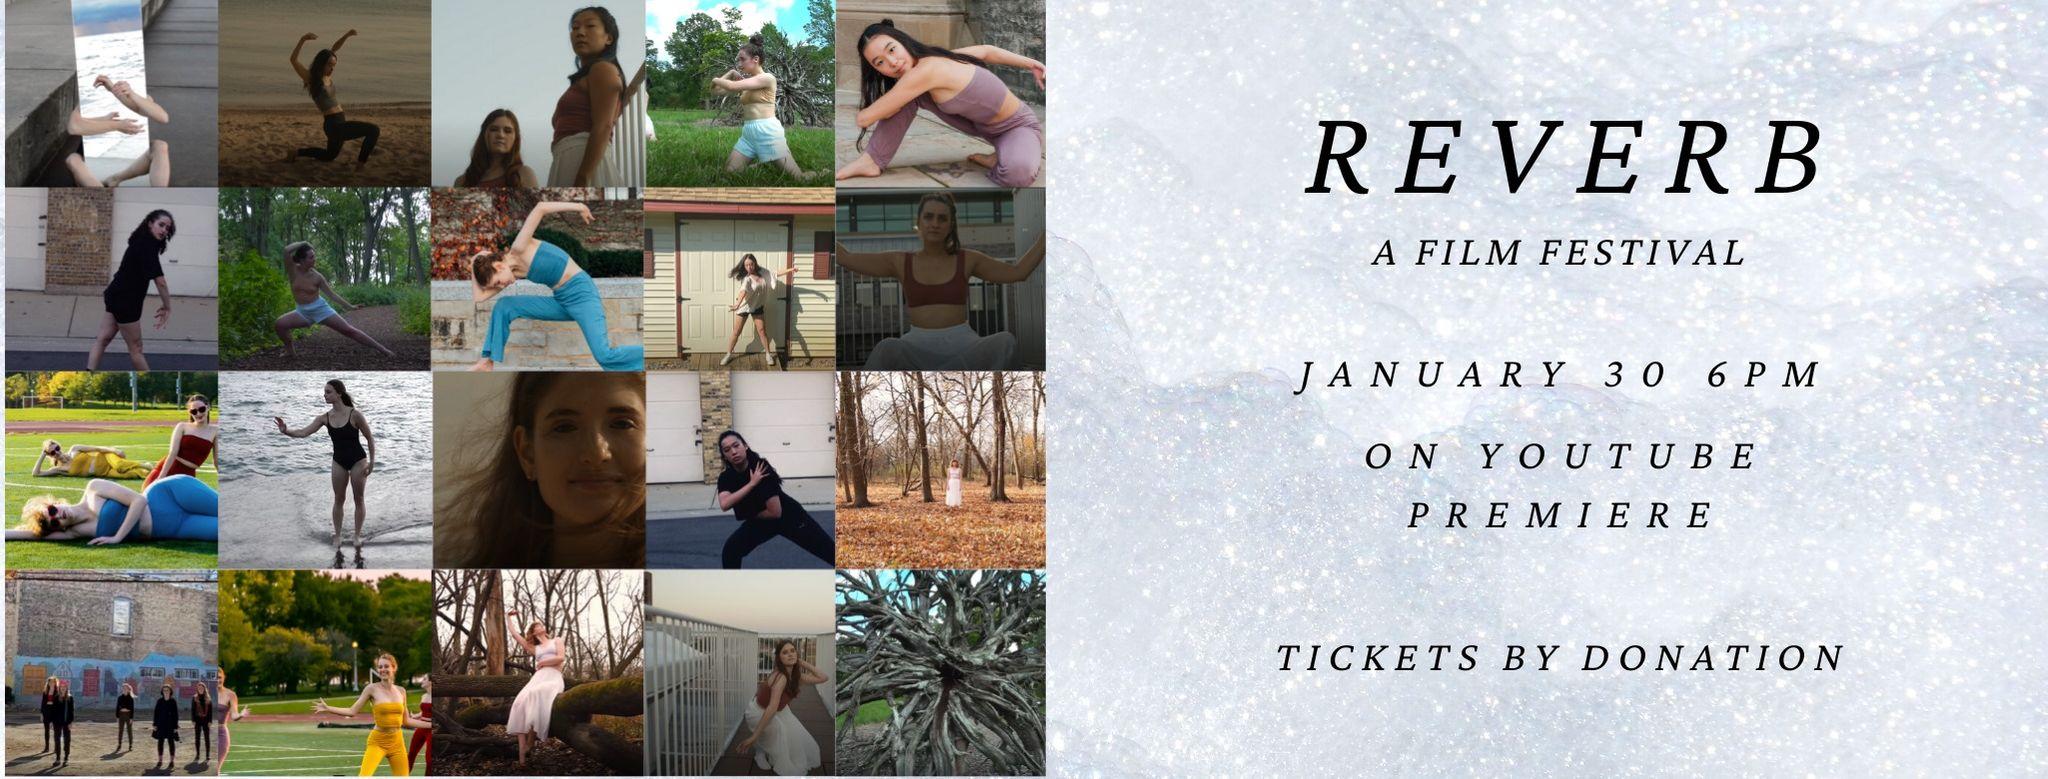 Reverb: a film festival